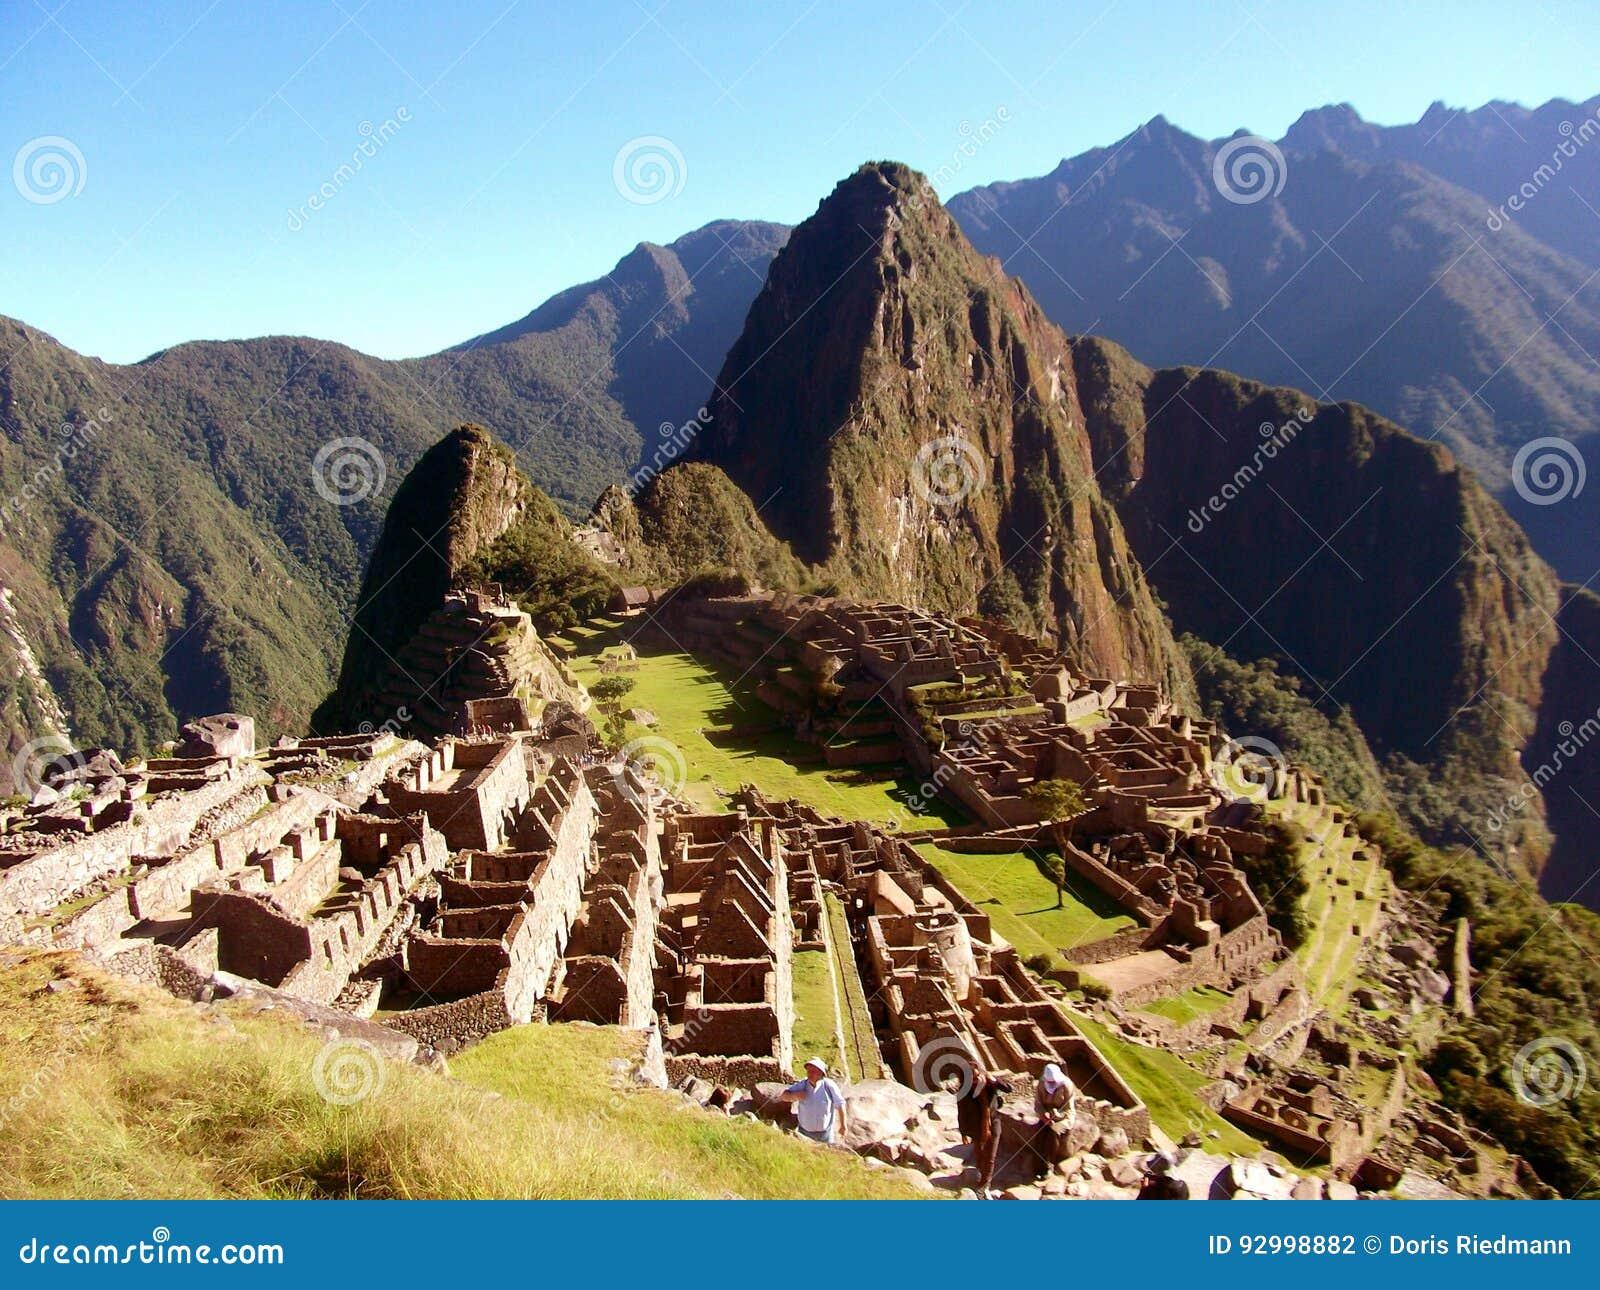 Maravilha Ámérica do Sul do mundo das ruínas de Machu Picchu Peru Inca